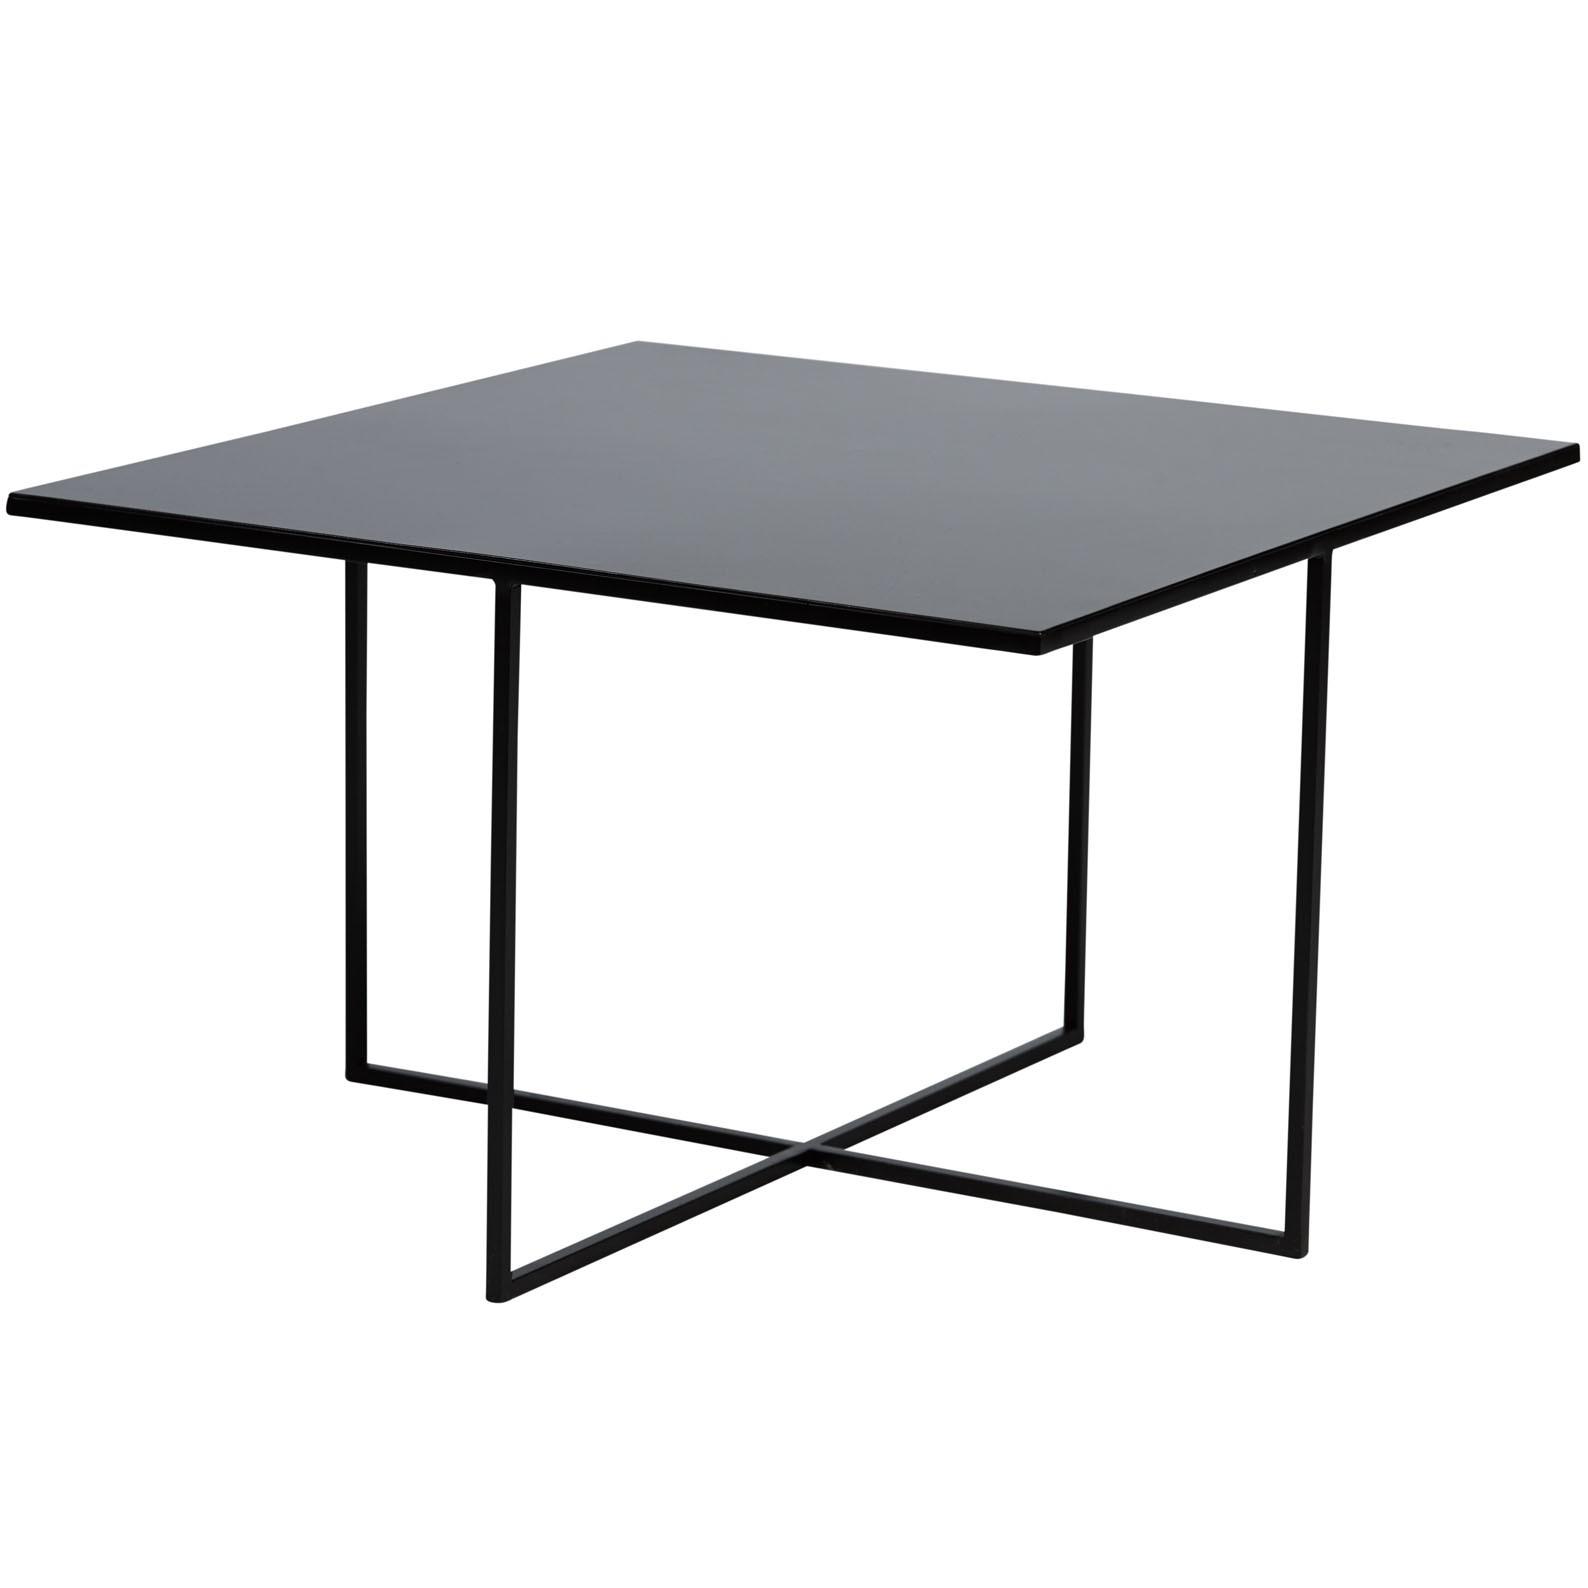 soho casina lamp table -